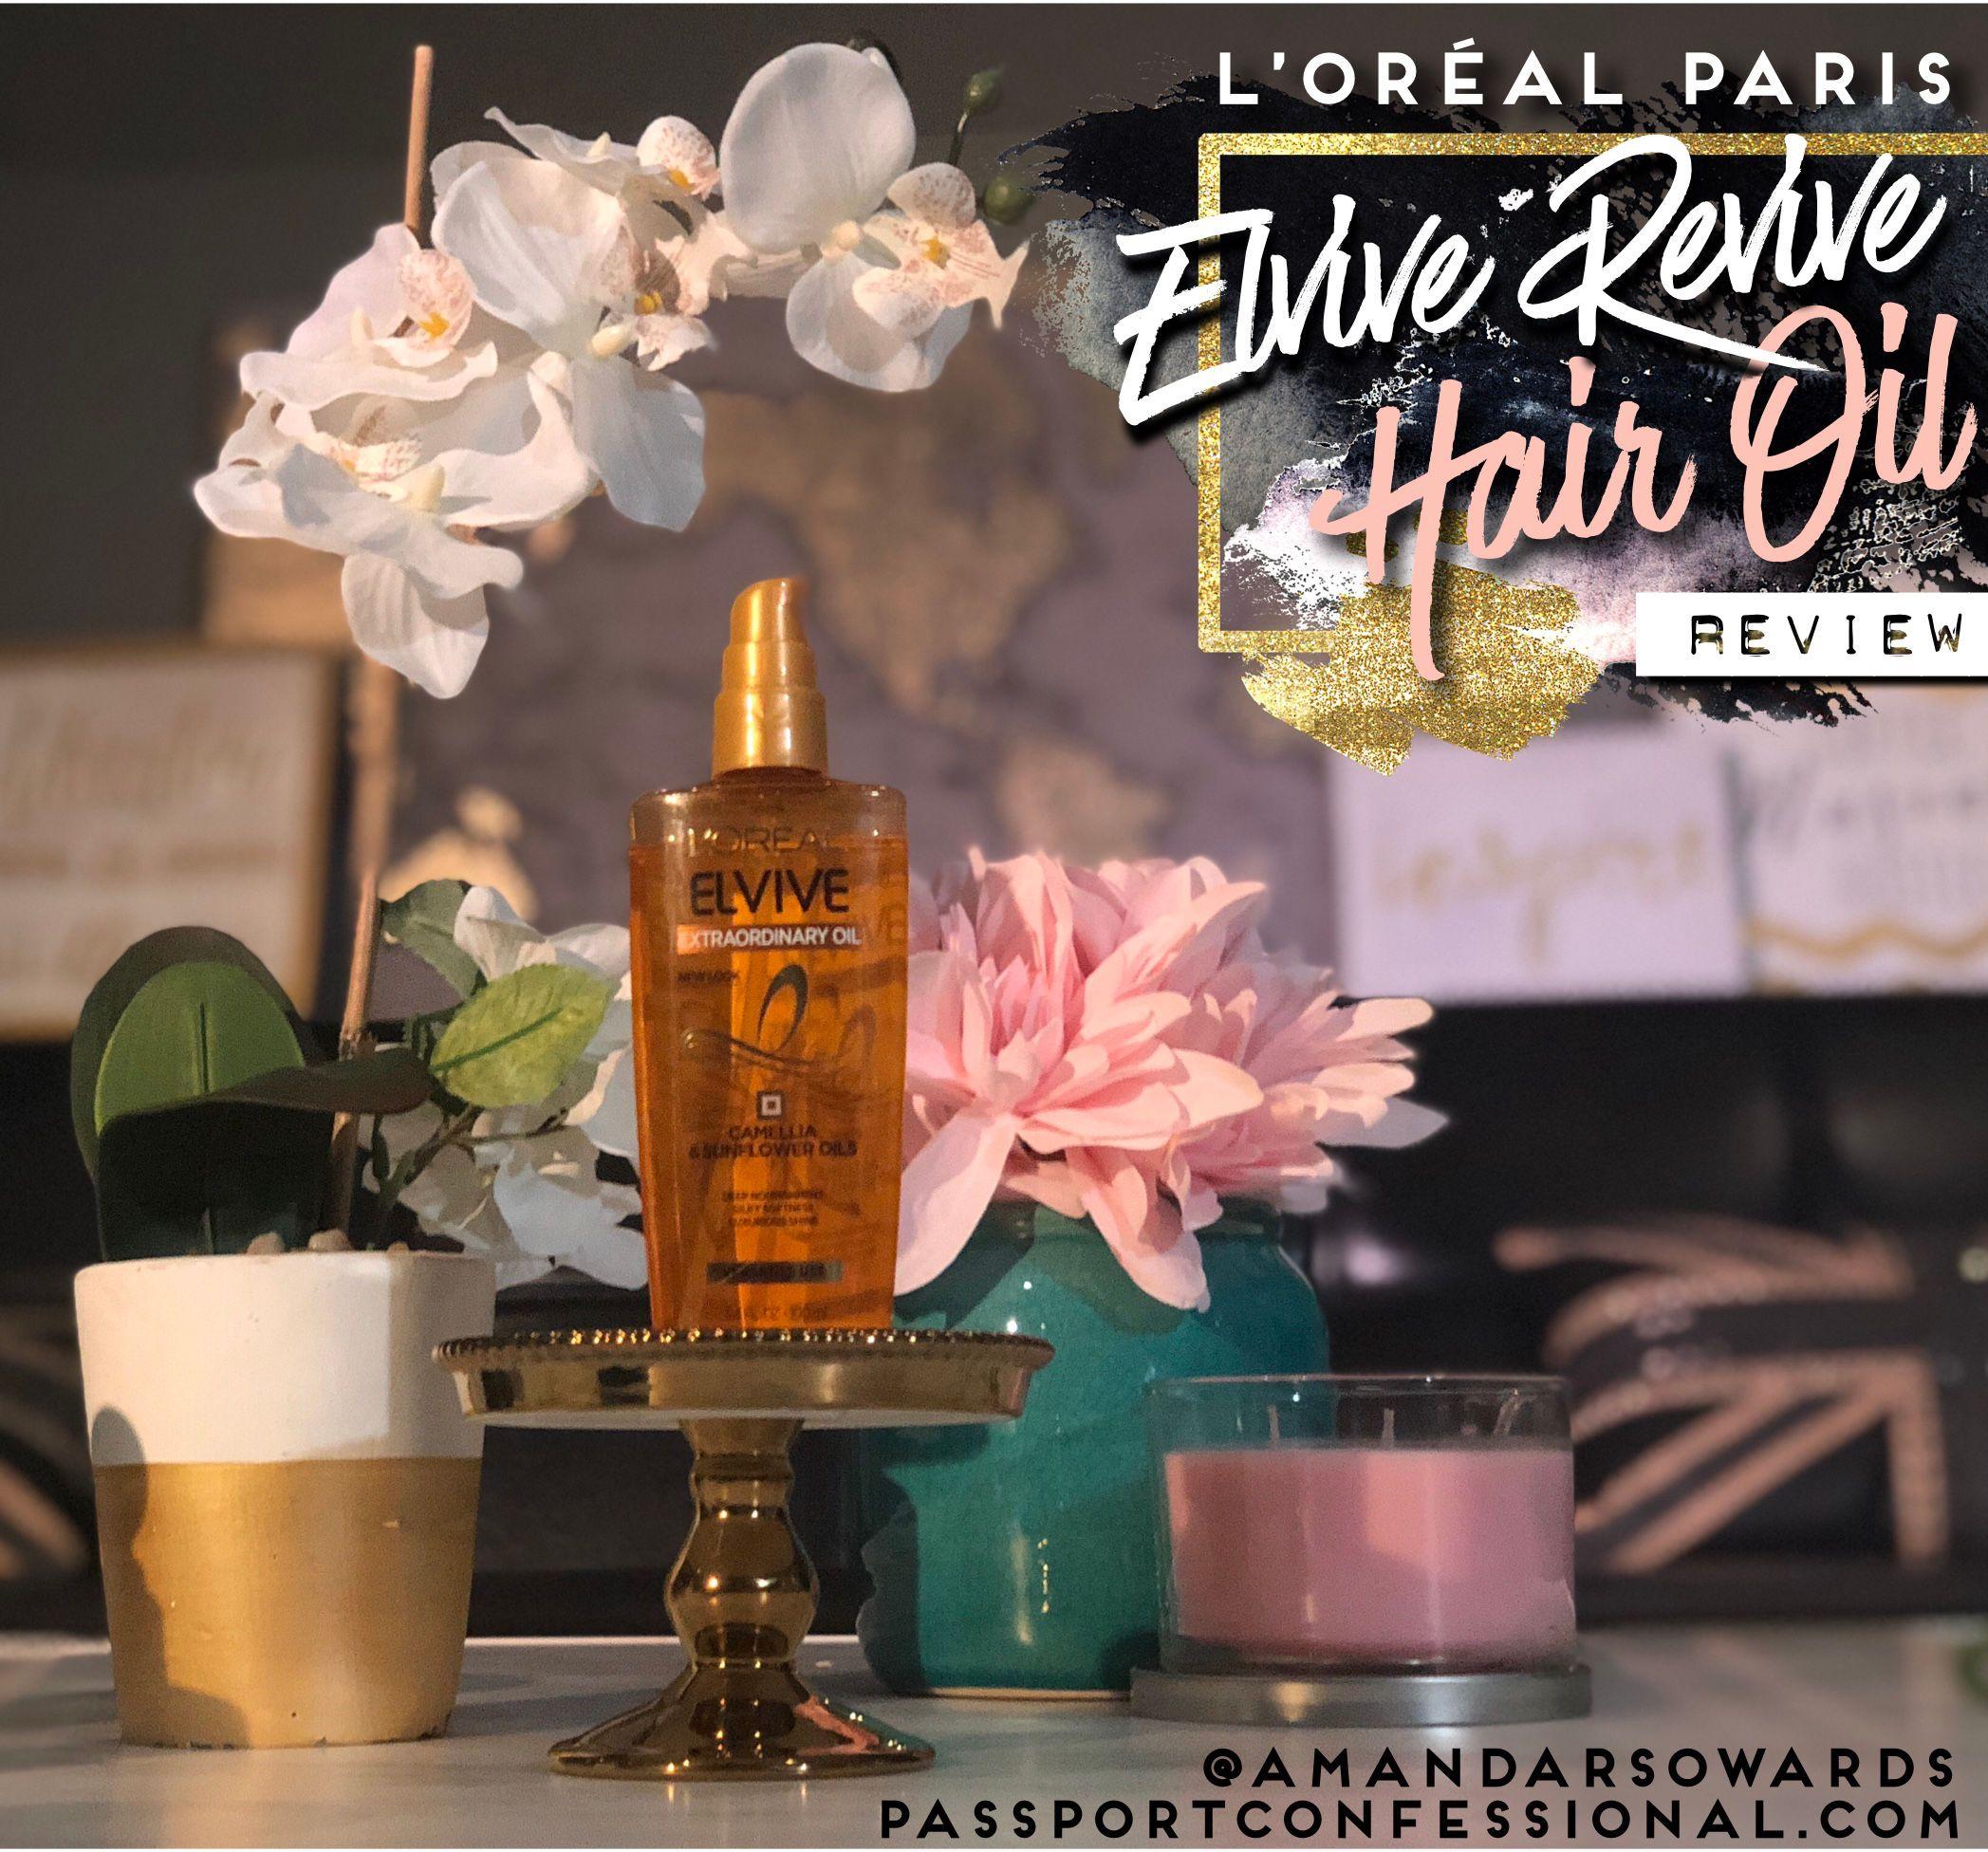 L'Oréal Professionnel Mythic Oil Serum de Force Reviews